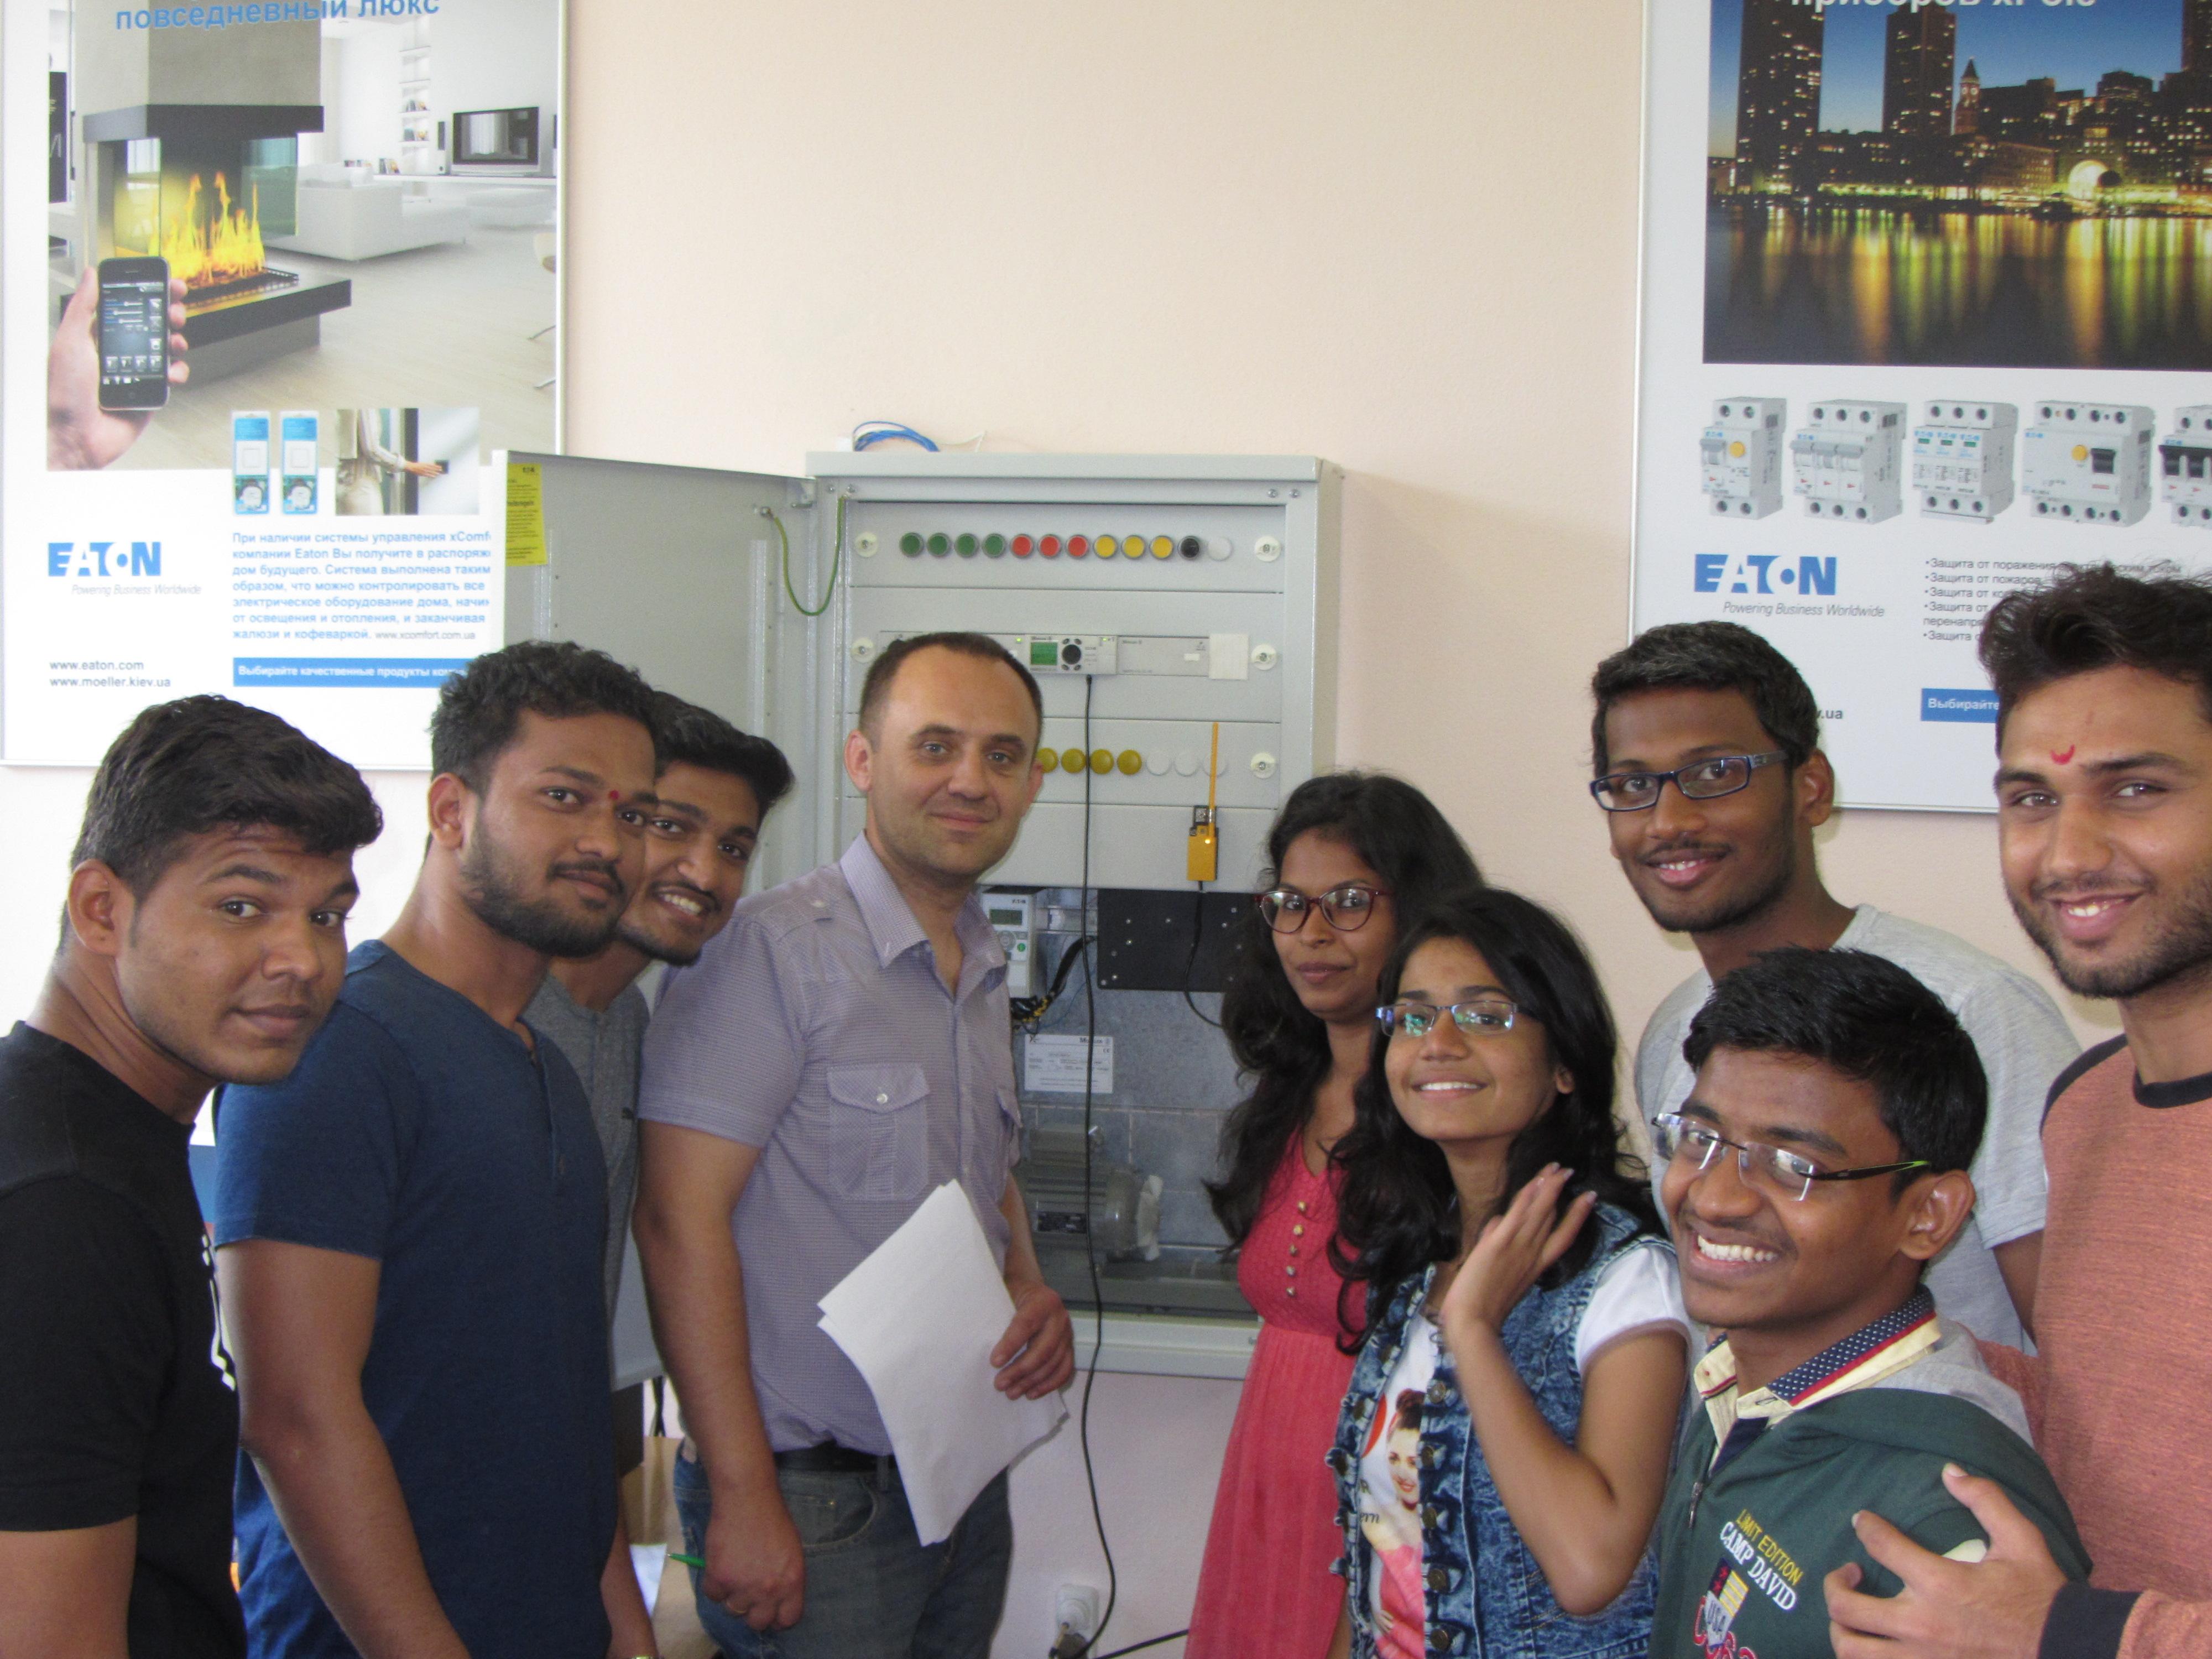 Король С.В., студенти з індії, практика, лабораторія ФЕА